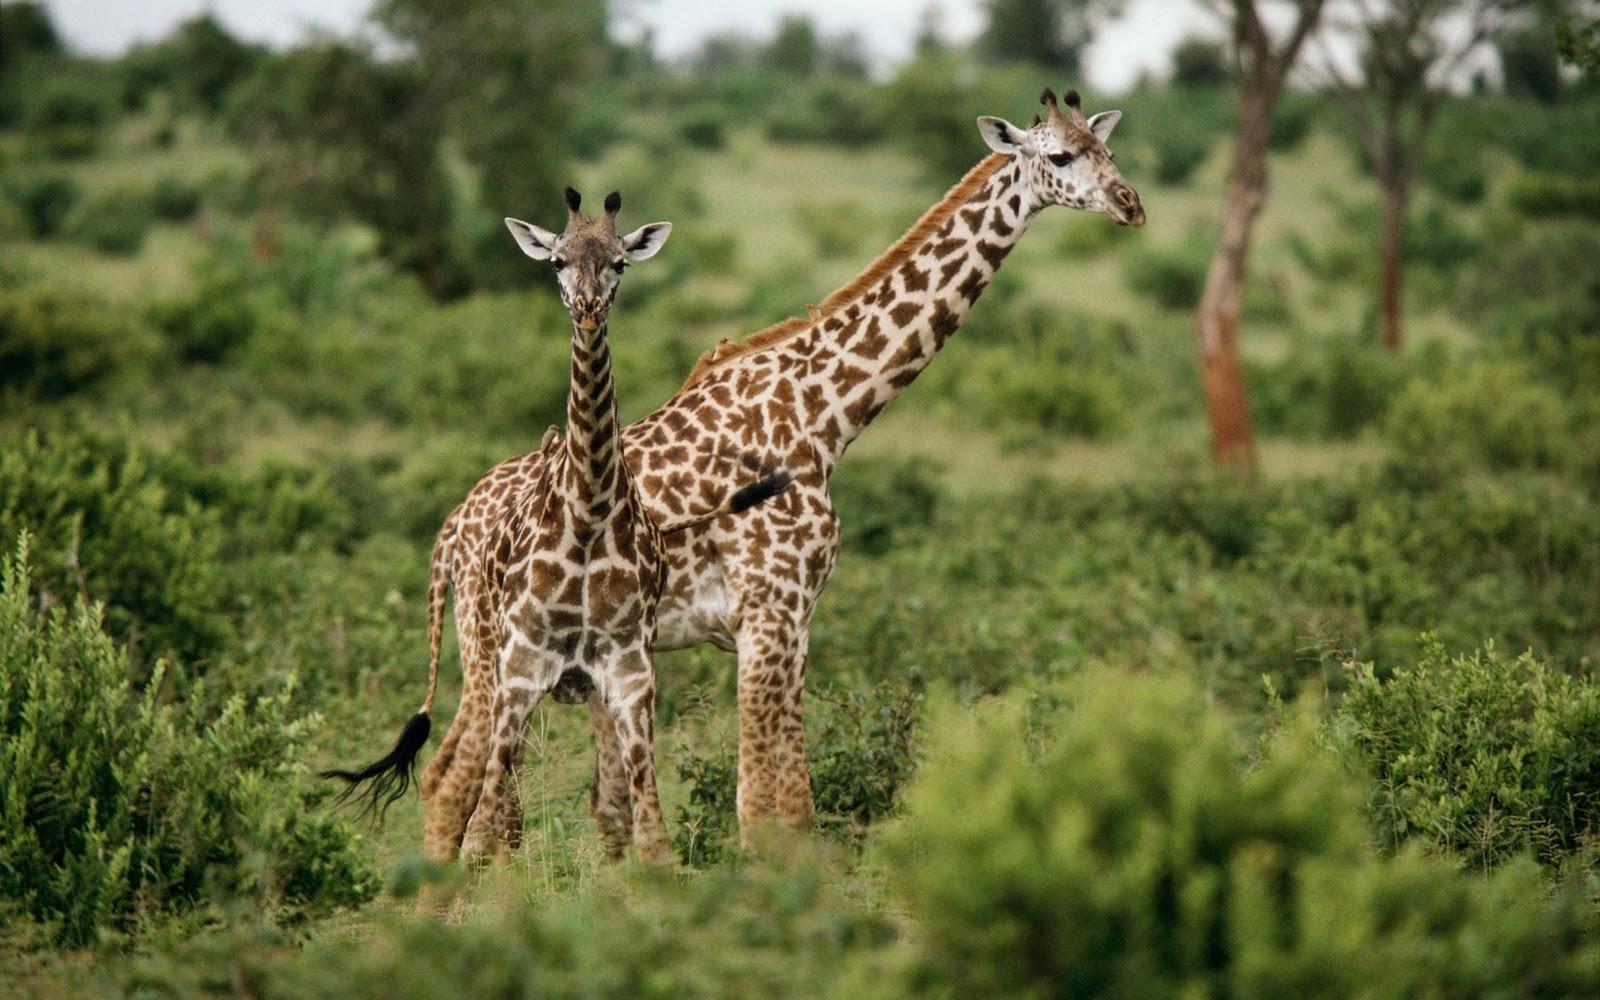 imágenes de animales salvajes hd   fondo de pantalla binatang ...